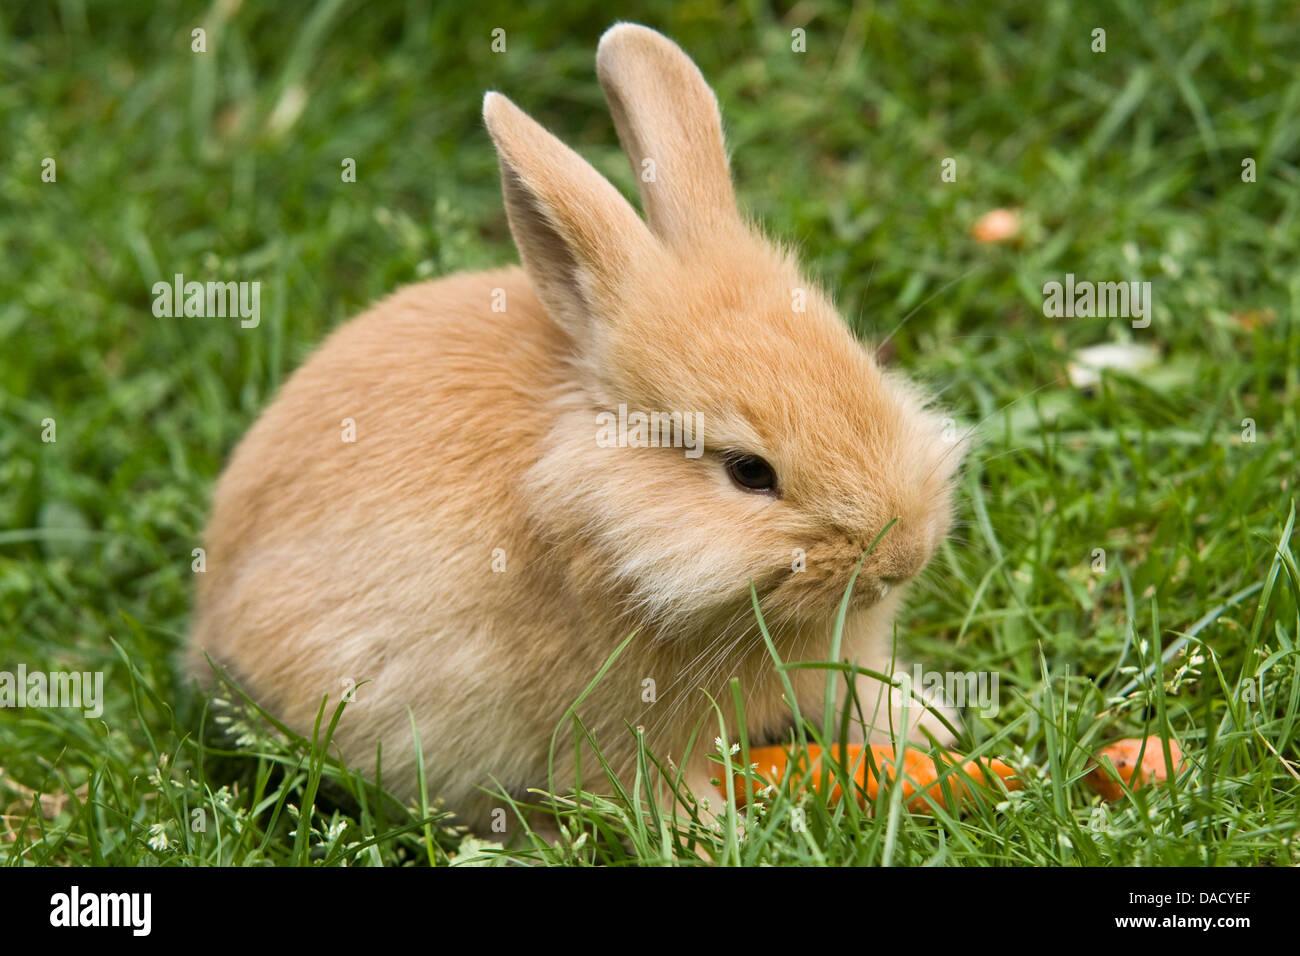 Lionhead rabbit (Oryctolagus cuniculus f. domestica), assis sur un pré Banque D'Images